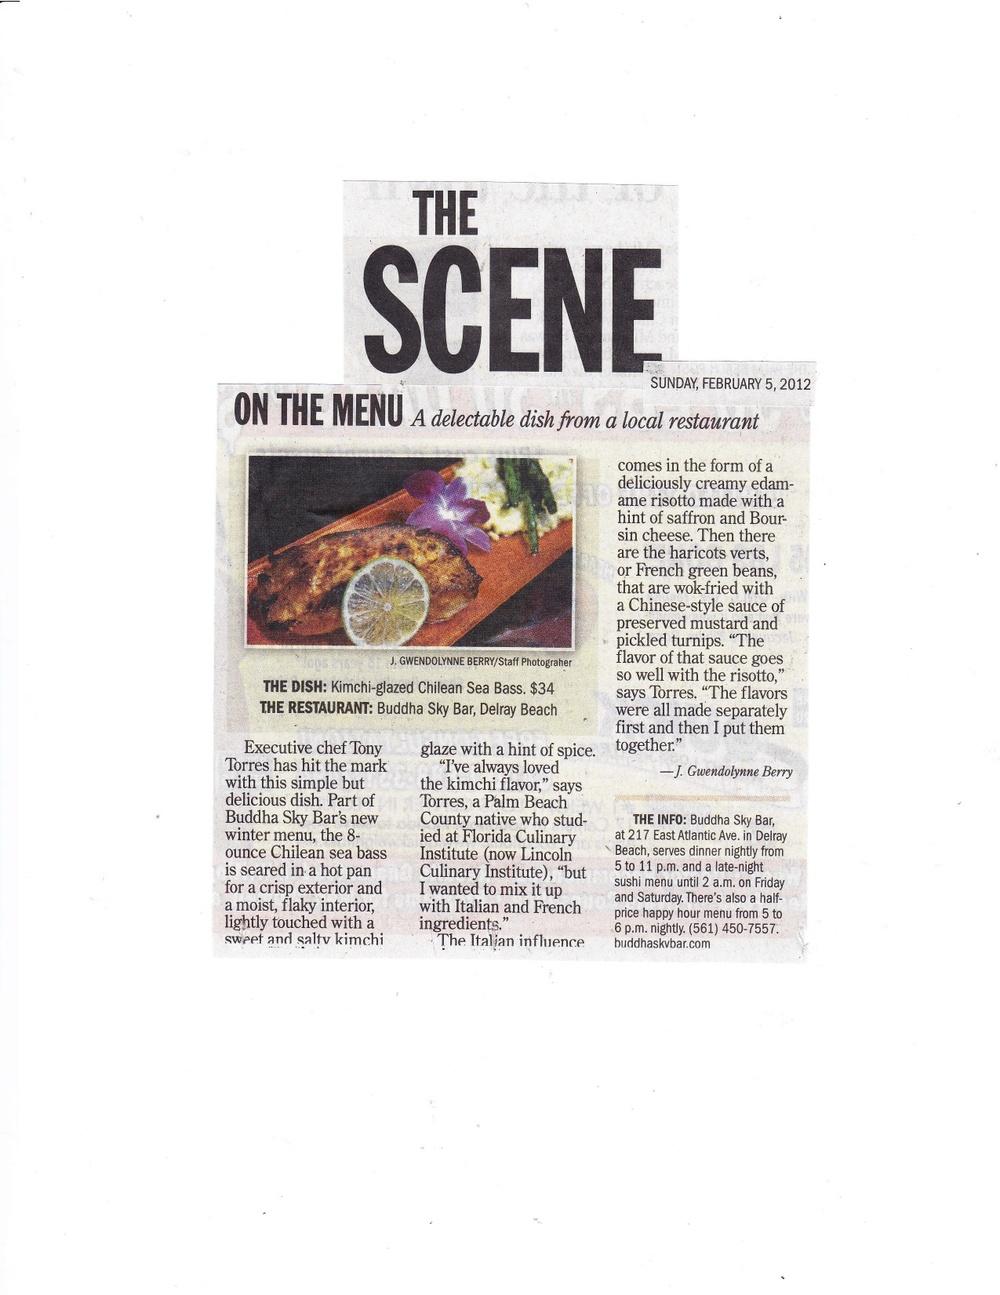 newspaper26.jpg